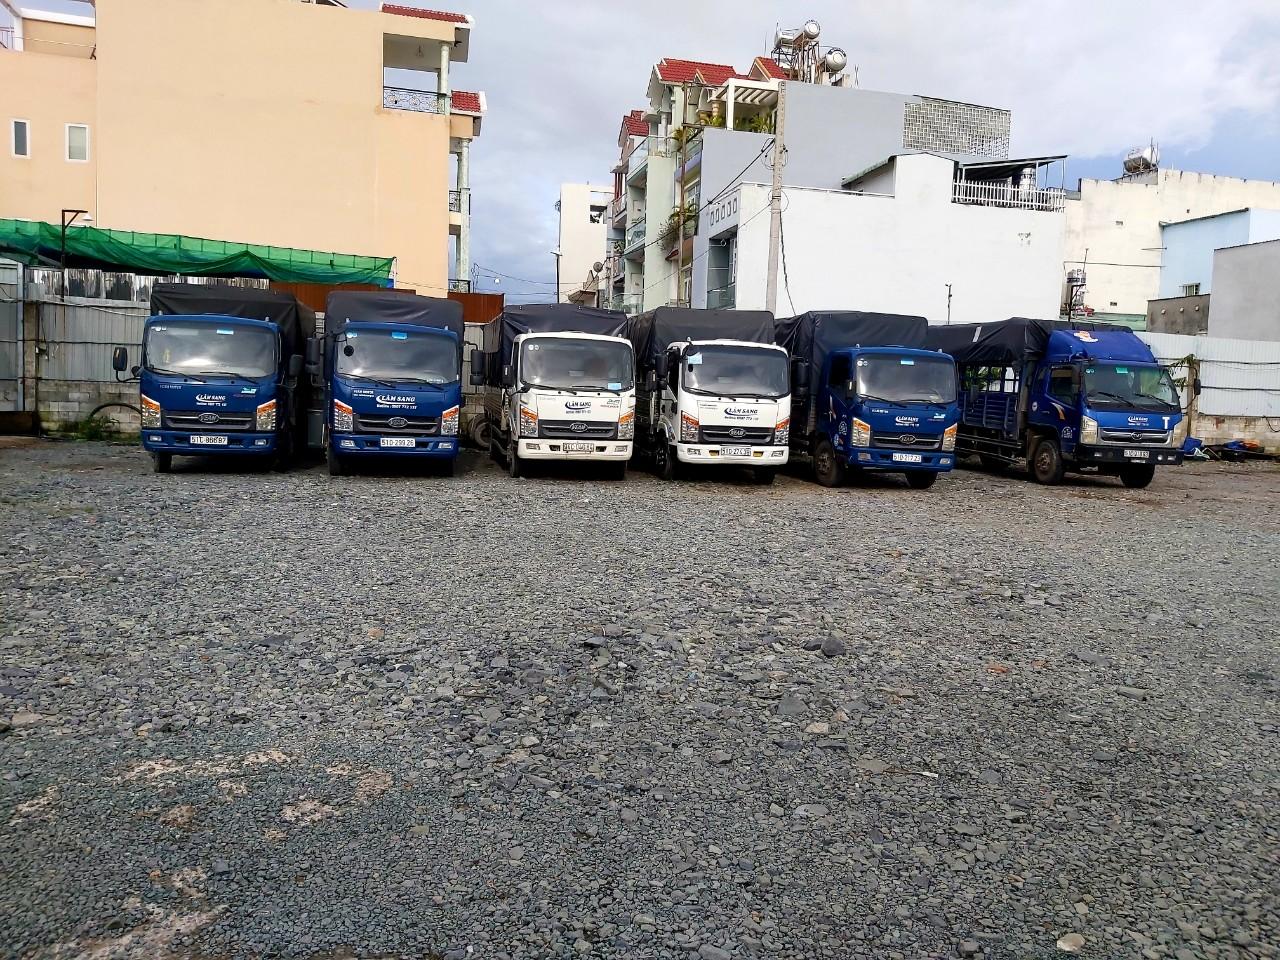 Cho thuê xe tải chở hàng tại Quận 12.Hotline 0822.749.749